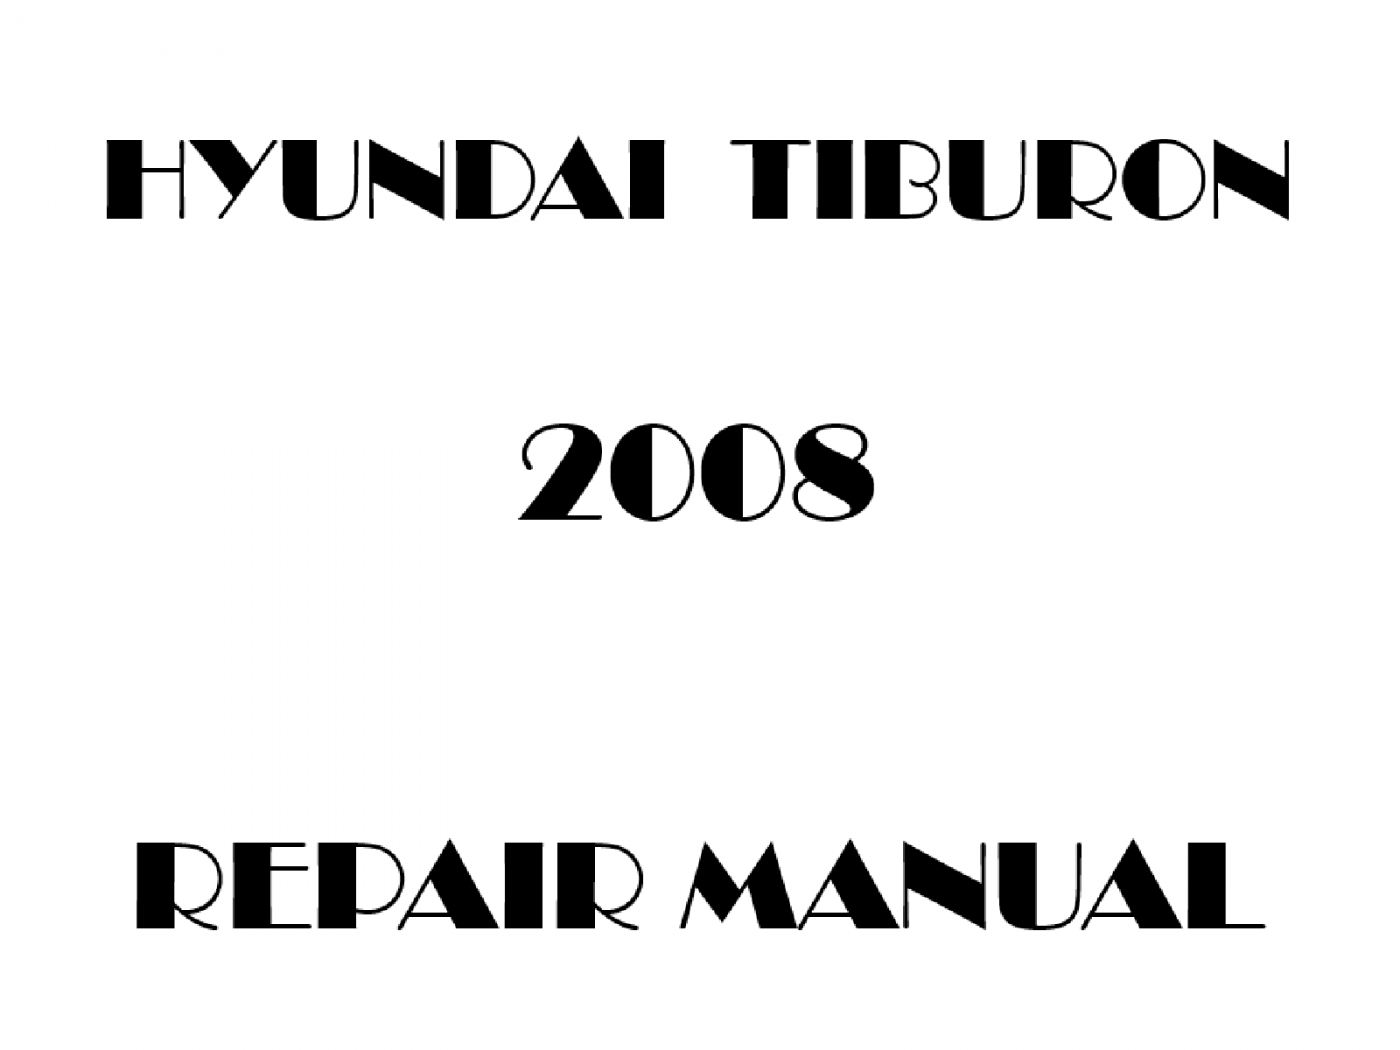 2008 Hyundai Tiburon repair manual